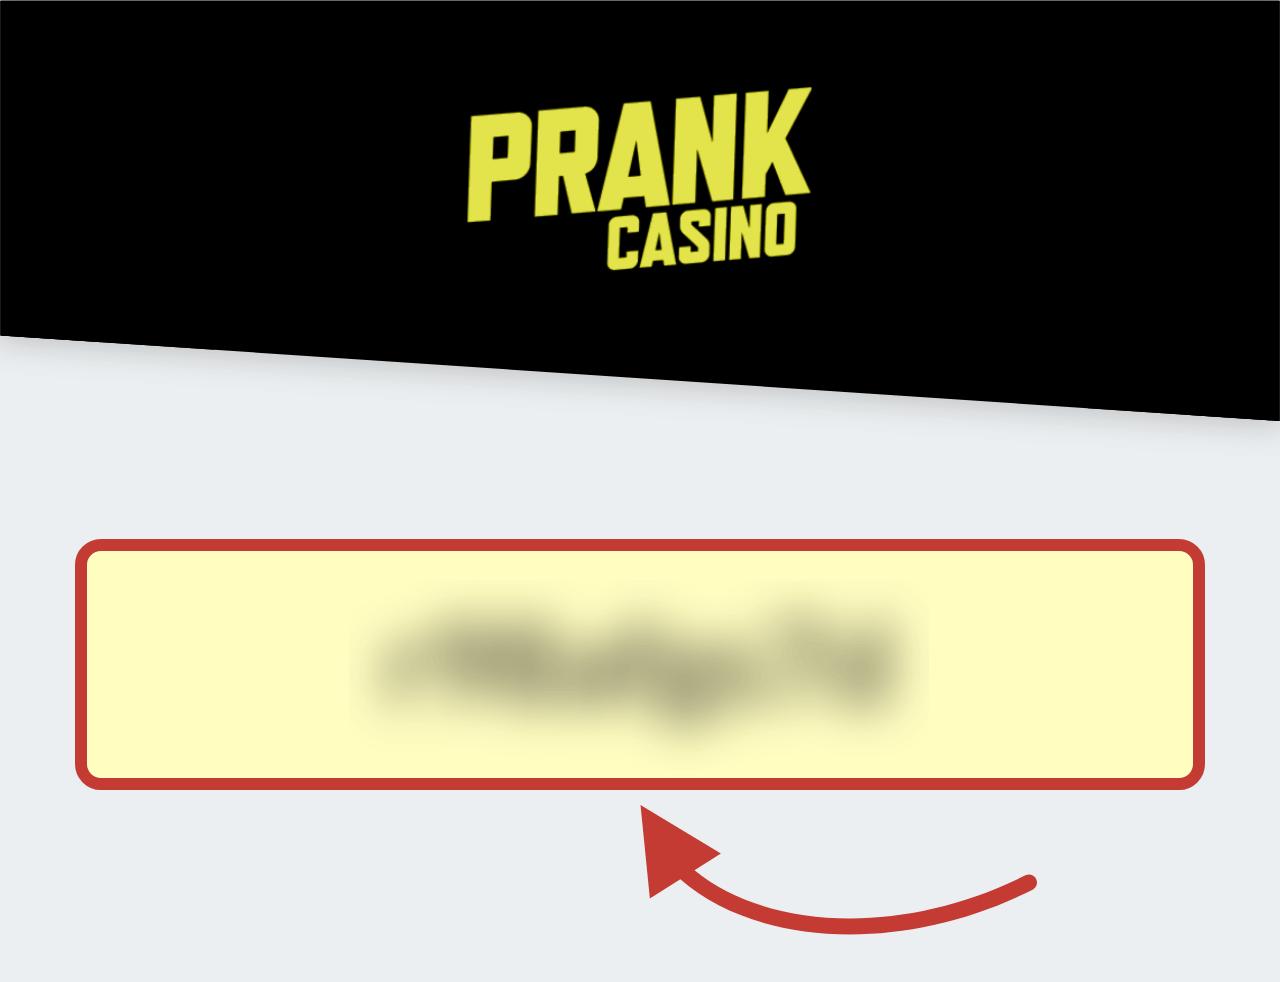 Prank Casino Review